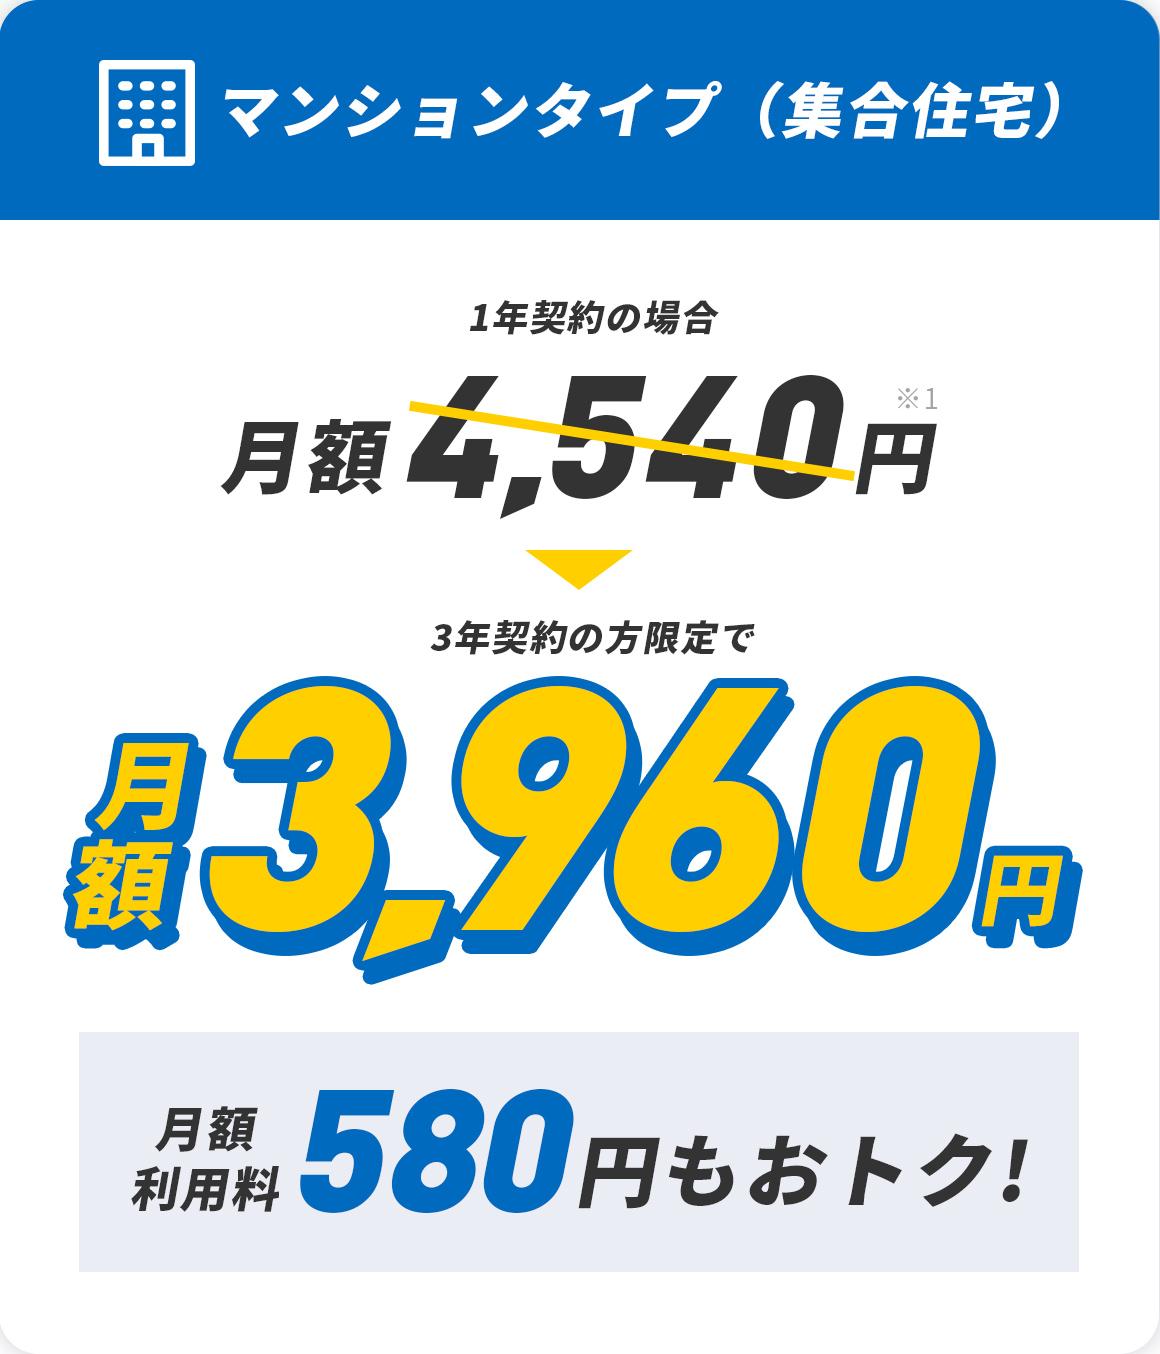 マンションタイプ 集合住宅 月額利用料530円もおトク!